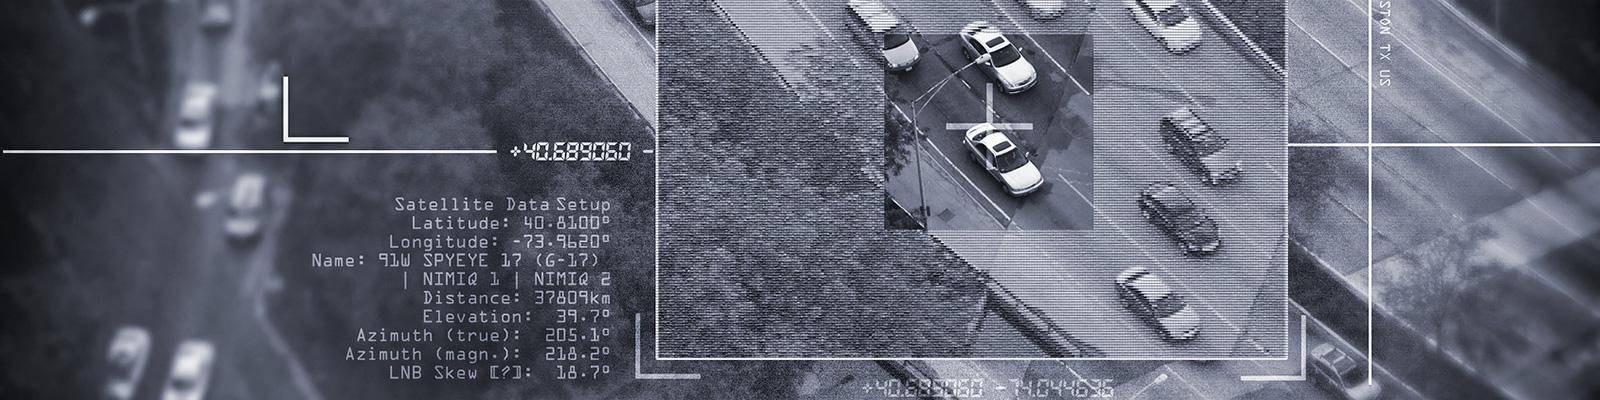 自動車 サイバー攻撃 セキュリティー イメージ